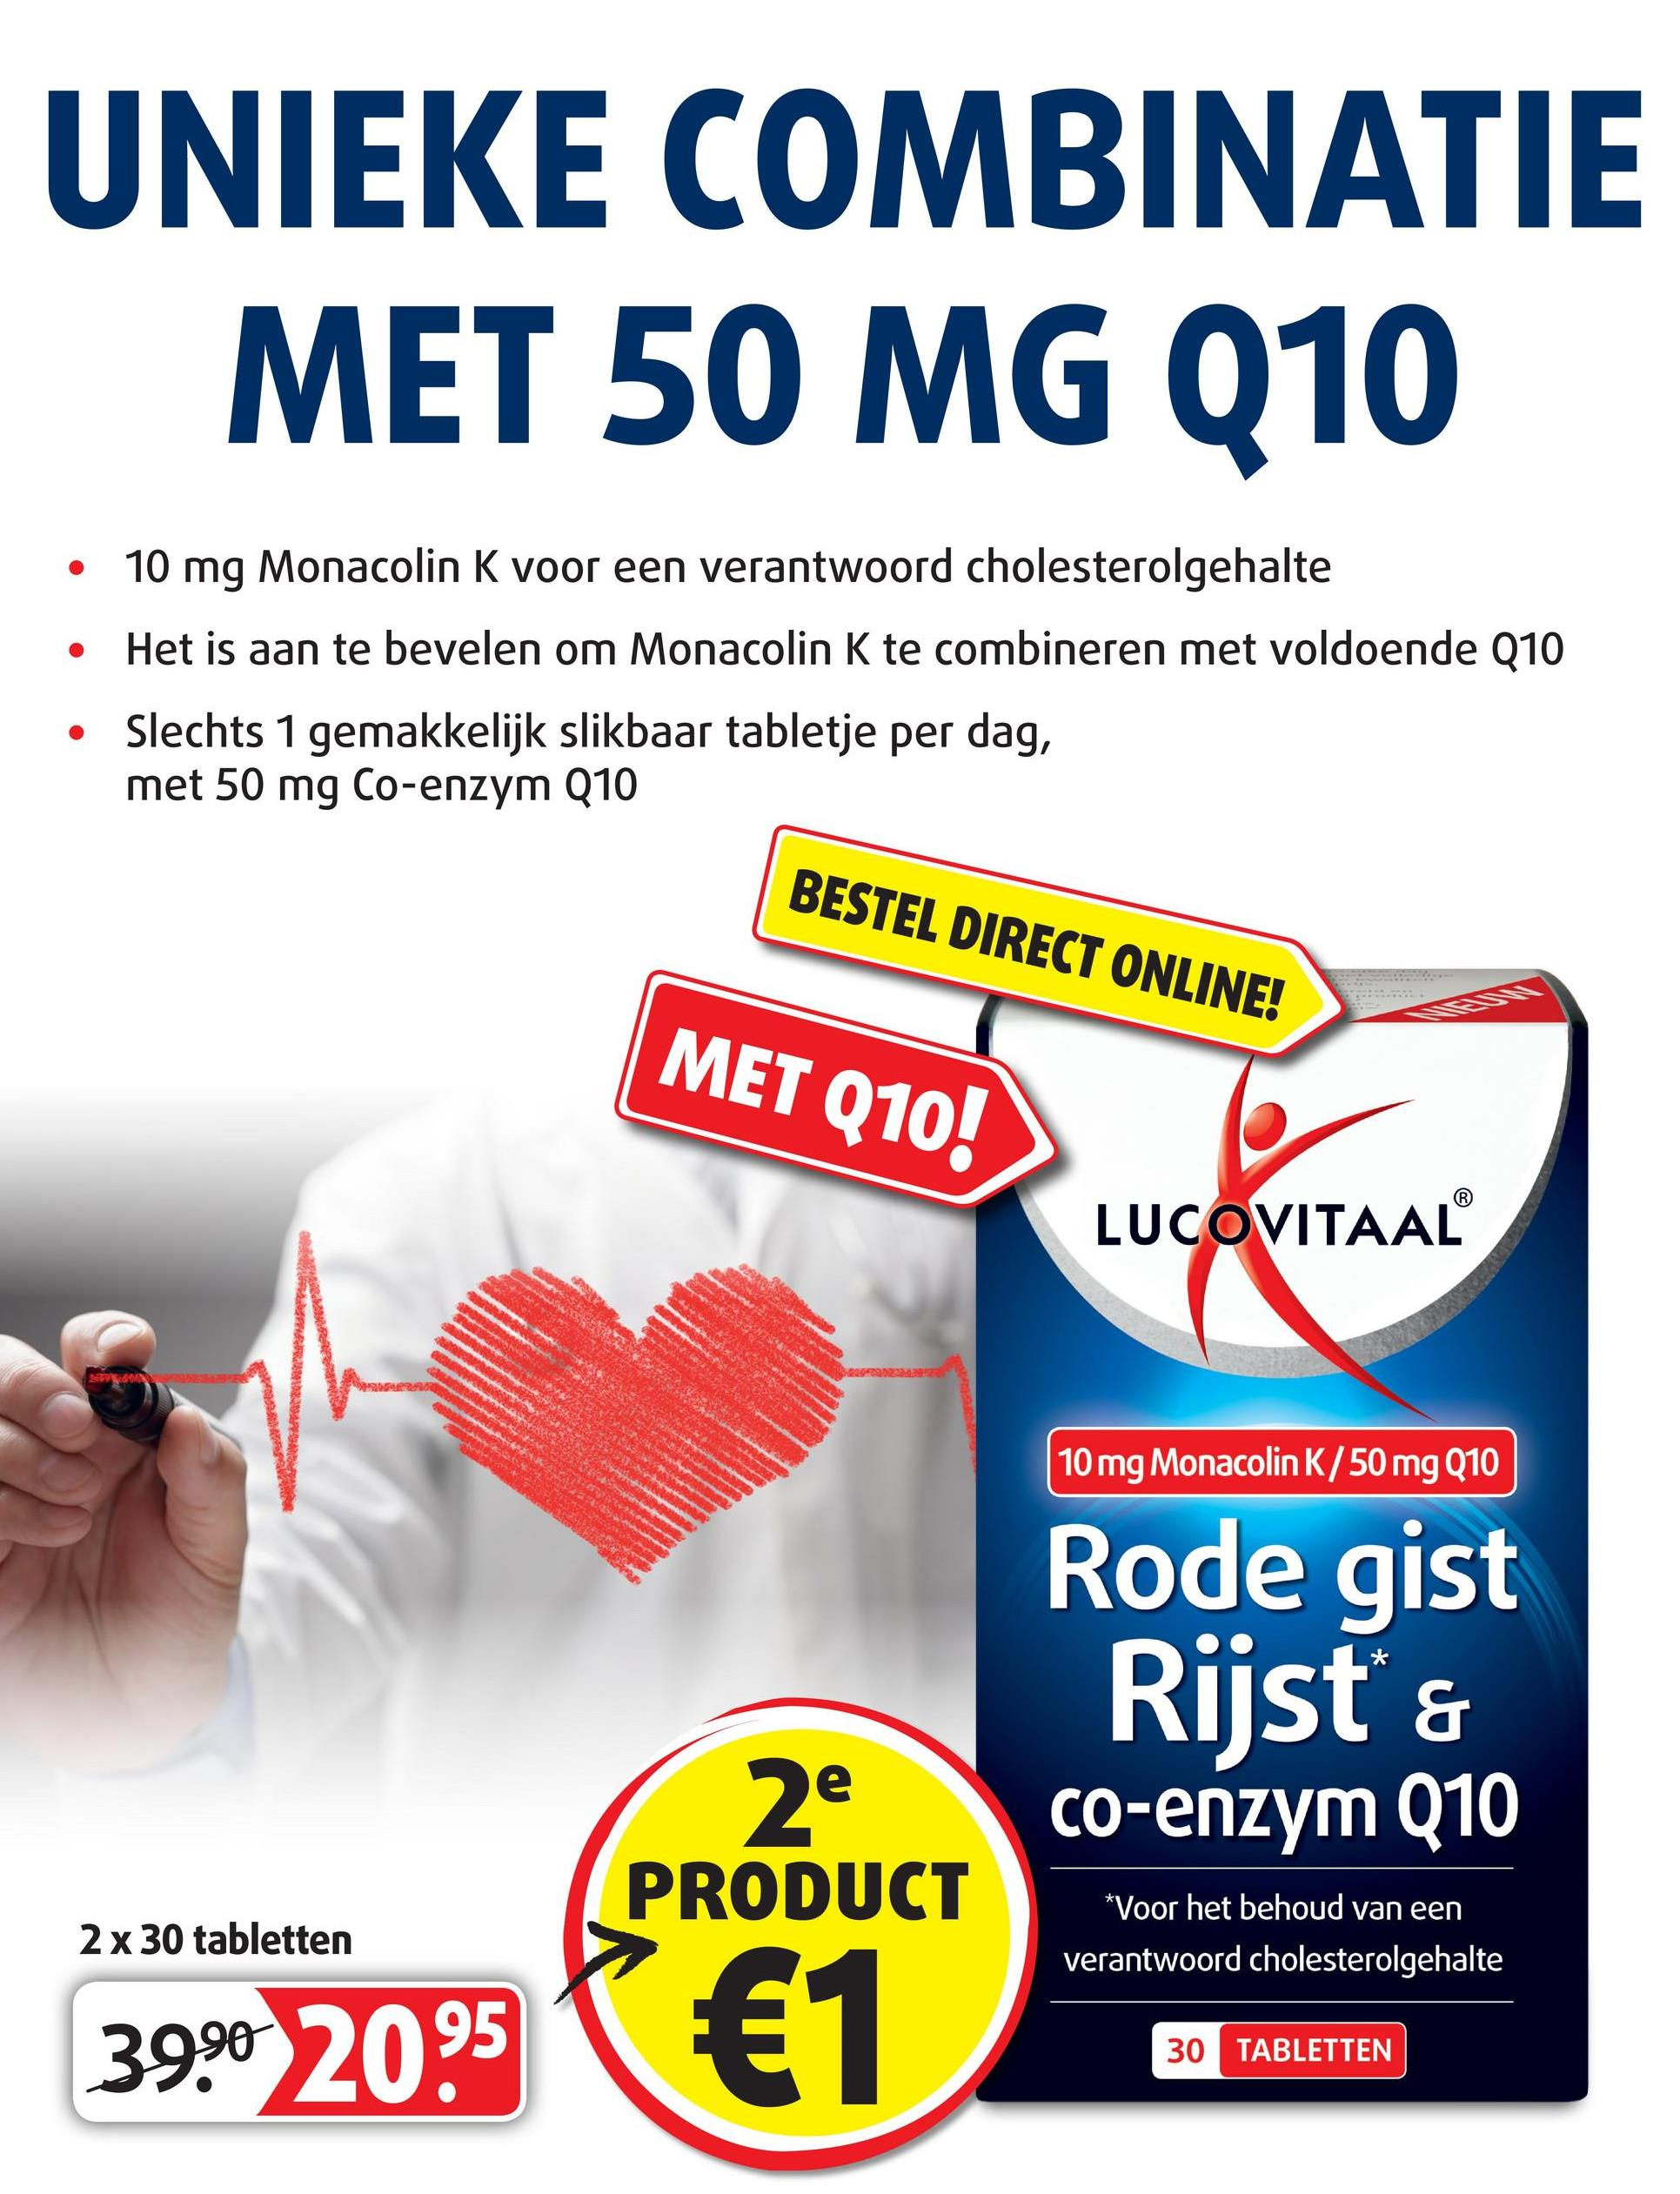 UNIEKE COMBINATIE MET 50 MG Q10 • 10 mg Monacolin K voor een verantwoord cholesterolgehalte • Het is aan te bevelen om Monacolin K te combineren met voldoende Q10 • Slechts 1 gemakkelijk slikbaar tabletje per dag, met 50 mg Co-enzym Q10 BESTEL DIRECT ONLINE! MET Q10! LUCOVITAAL 10 mg Monacolin K/50 mg Q10 Rode gist Rijst & co-enzym Q10 2e PRODUCT 2 x 30 tabletten *Voor het behoud van een verantwoord cholesterolgehalte 39.90 2095 € 30 TABLETTEN